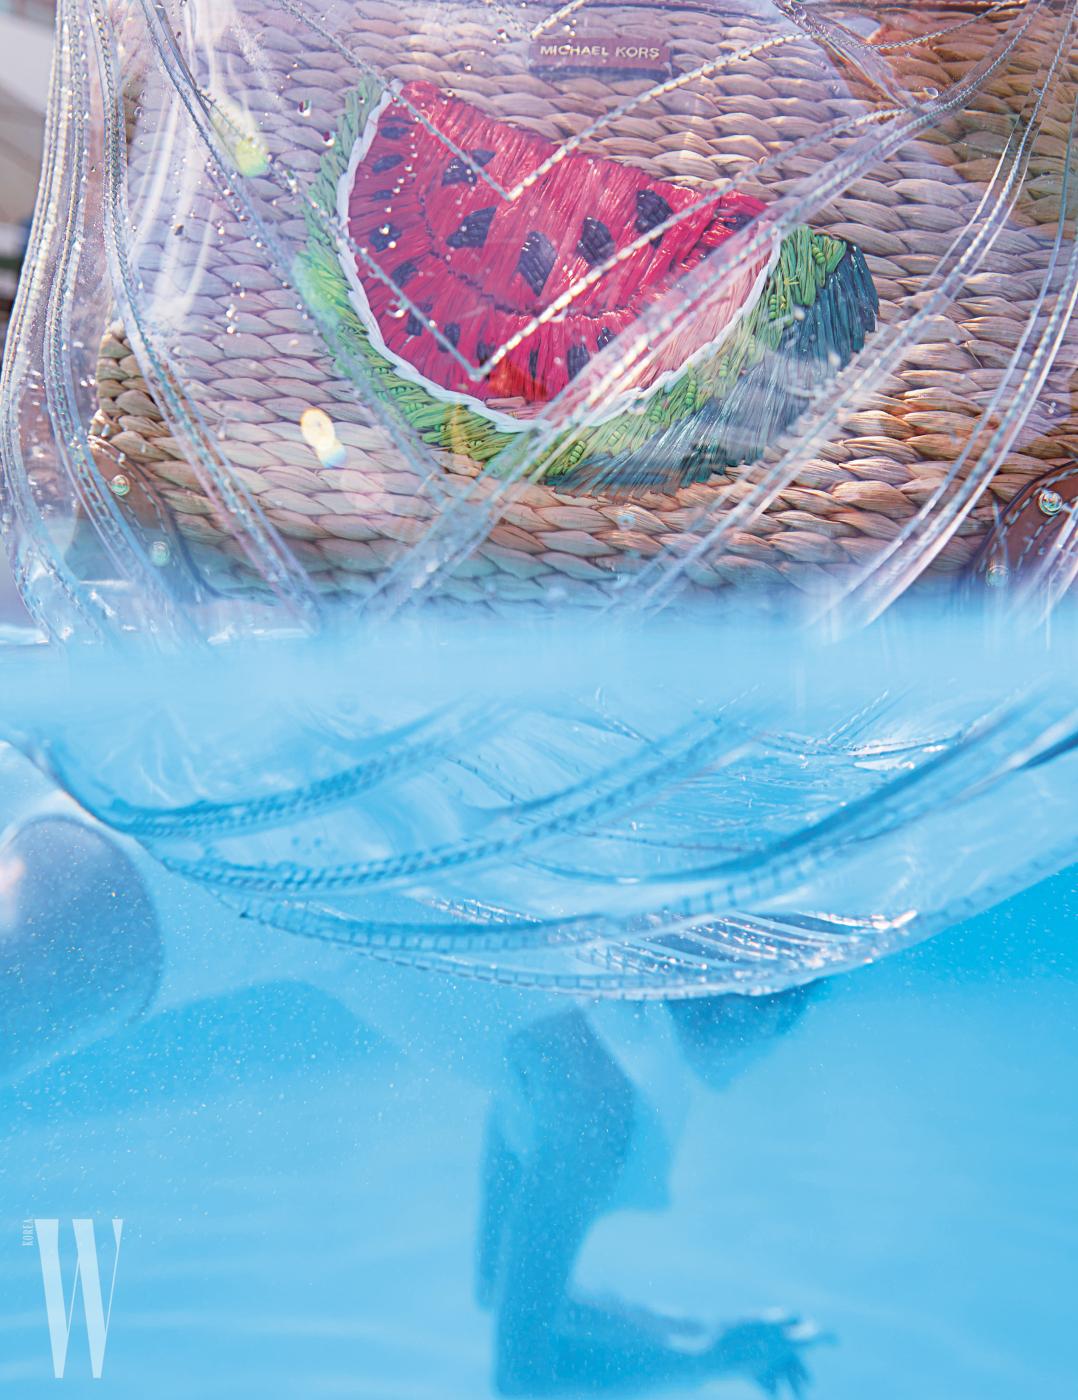 수박 모양의 자수를 장식한 밀짚 클러치는 마이클 마이클 코어스제품. 51만원. 투명한 PVC 백은 샤넬 제품. 가격 미정.